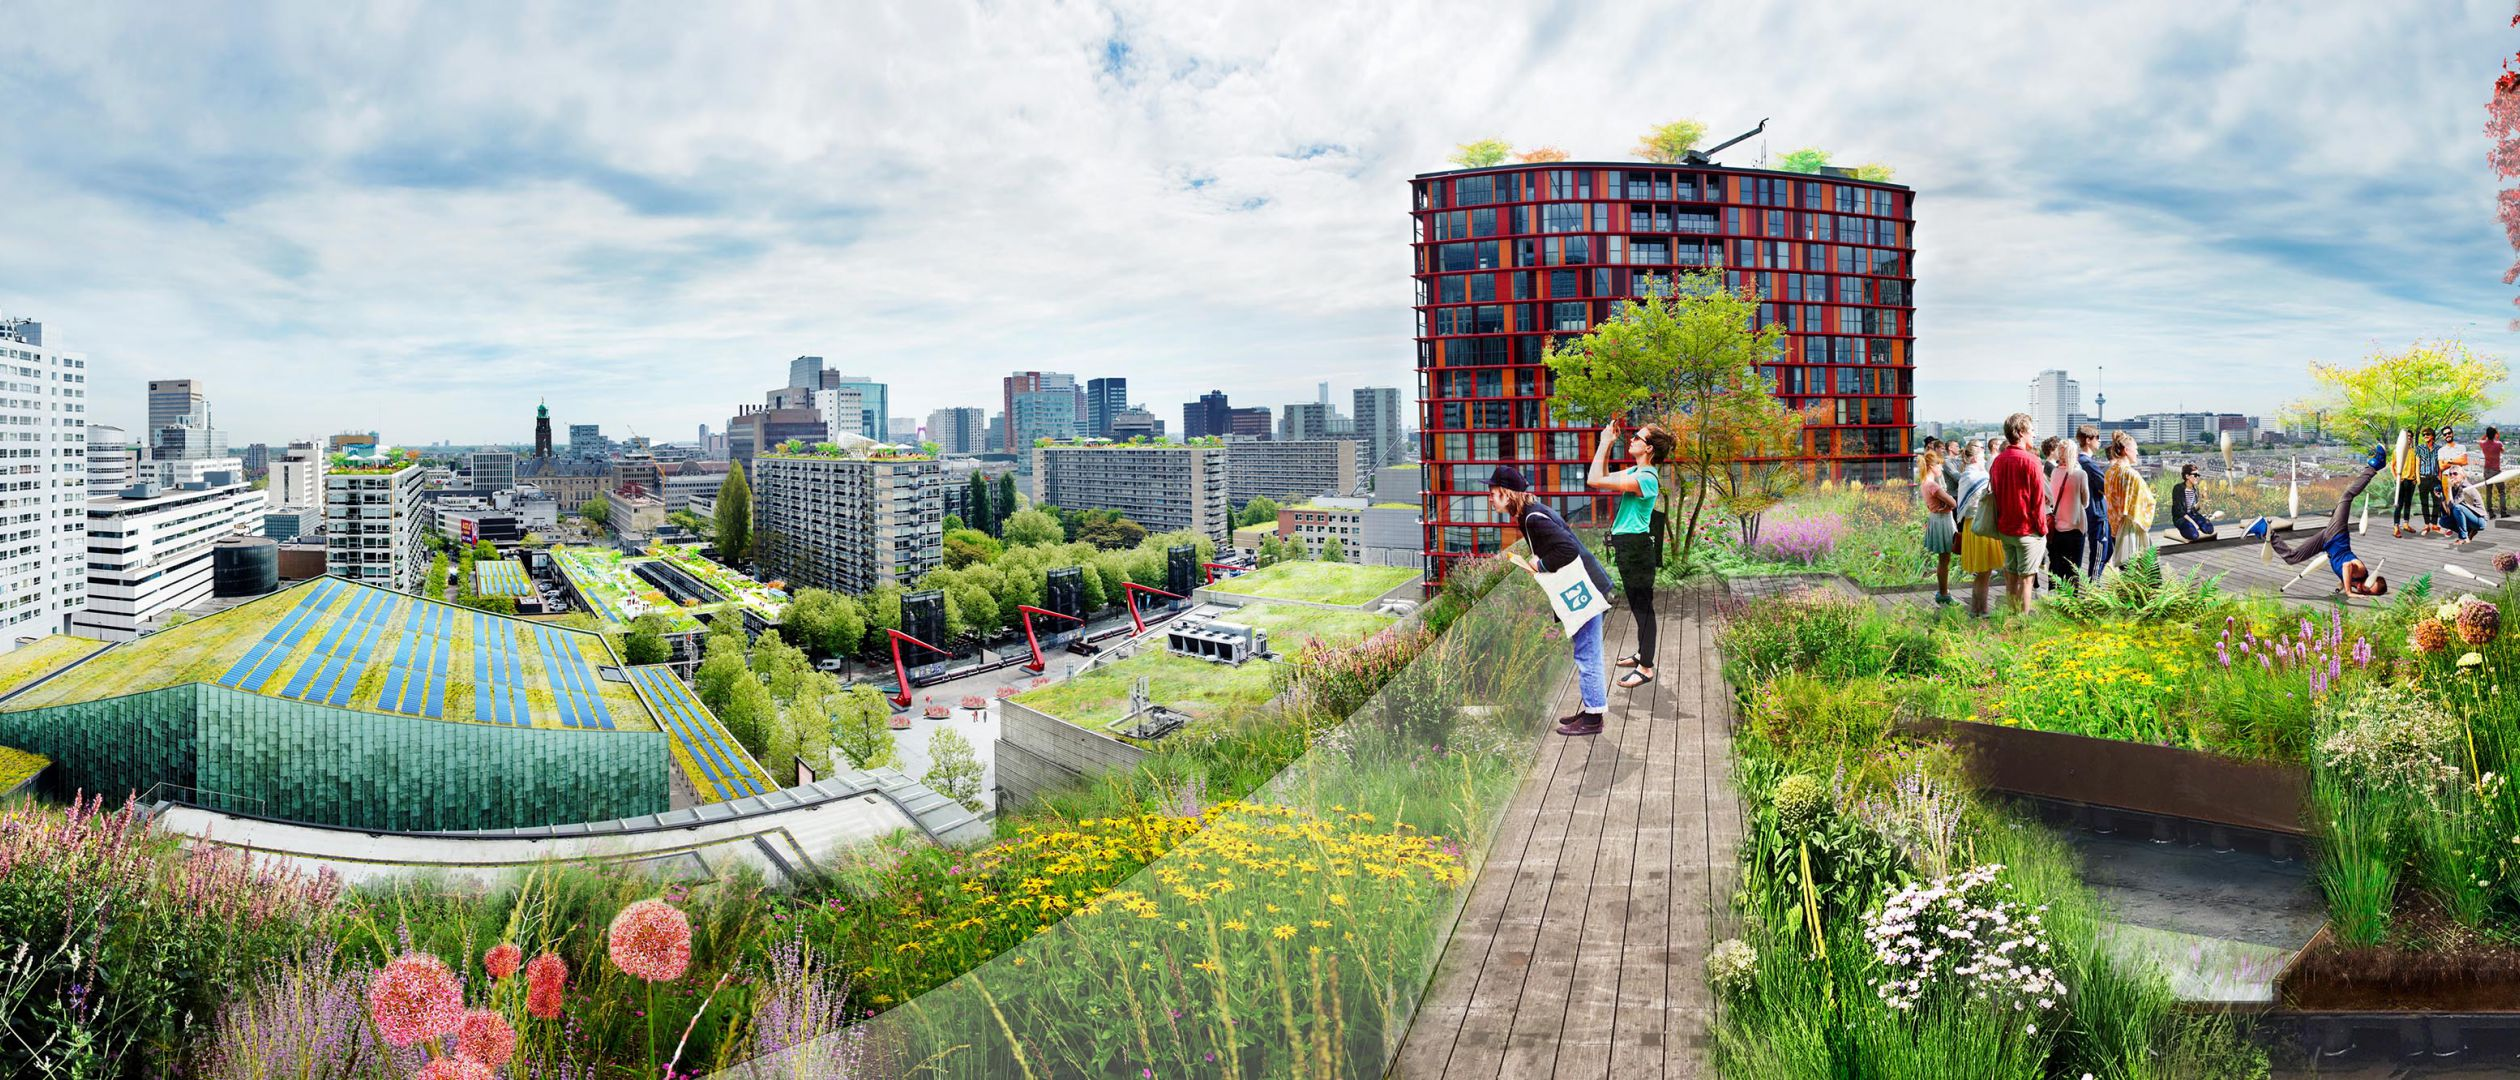 Duurzaam Schouwburgplein, Rotterdam